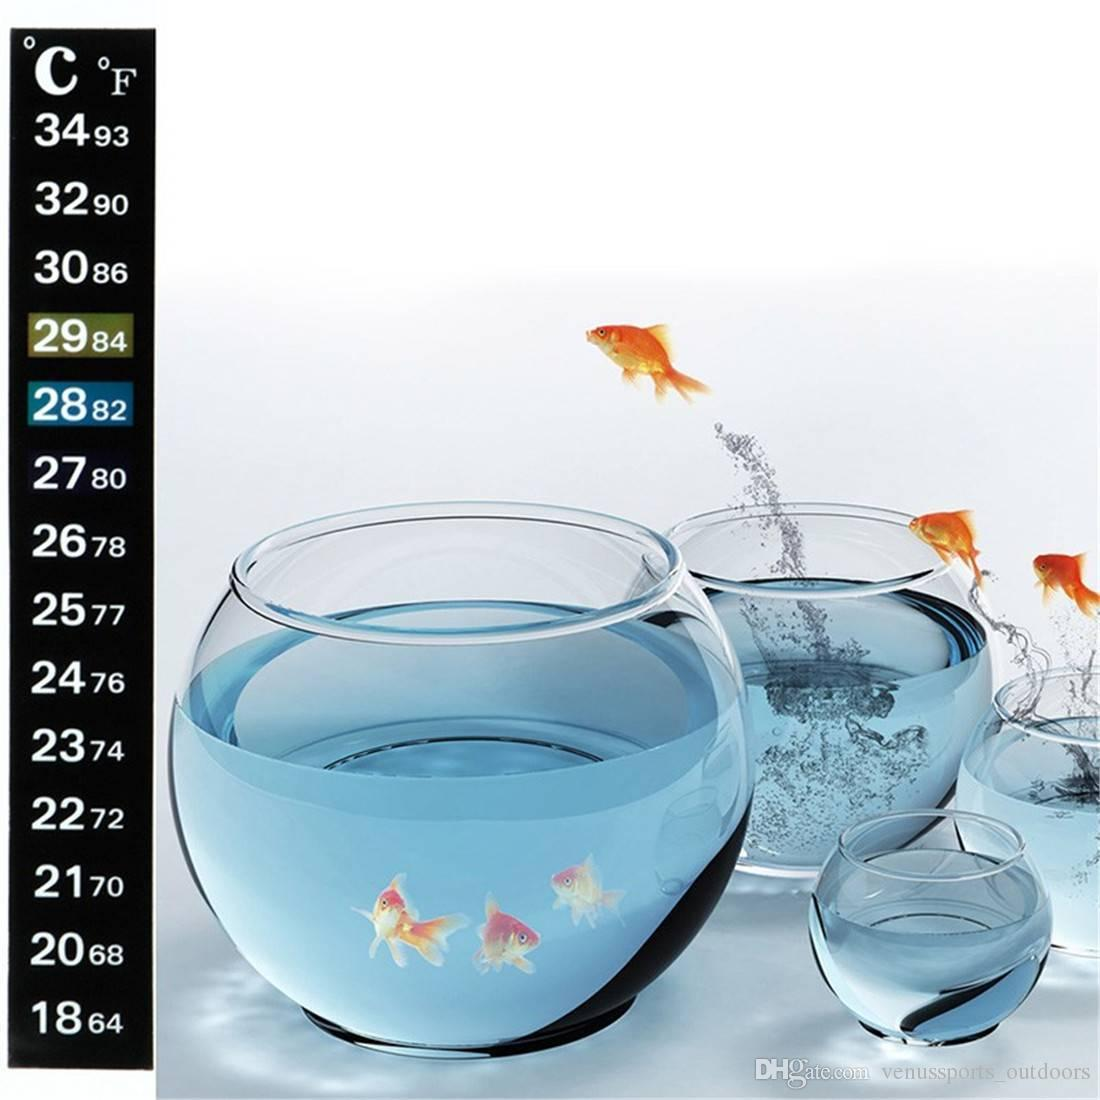 accessori serbatoio di pesca Termometro Carboy Fermenter Homebrew Serbatoio birra Temperatura Adesivo Adesivo Scala appiccicosa Acquario Pesce